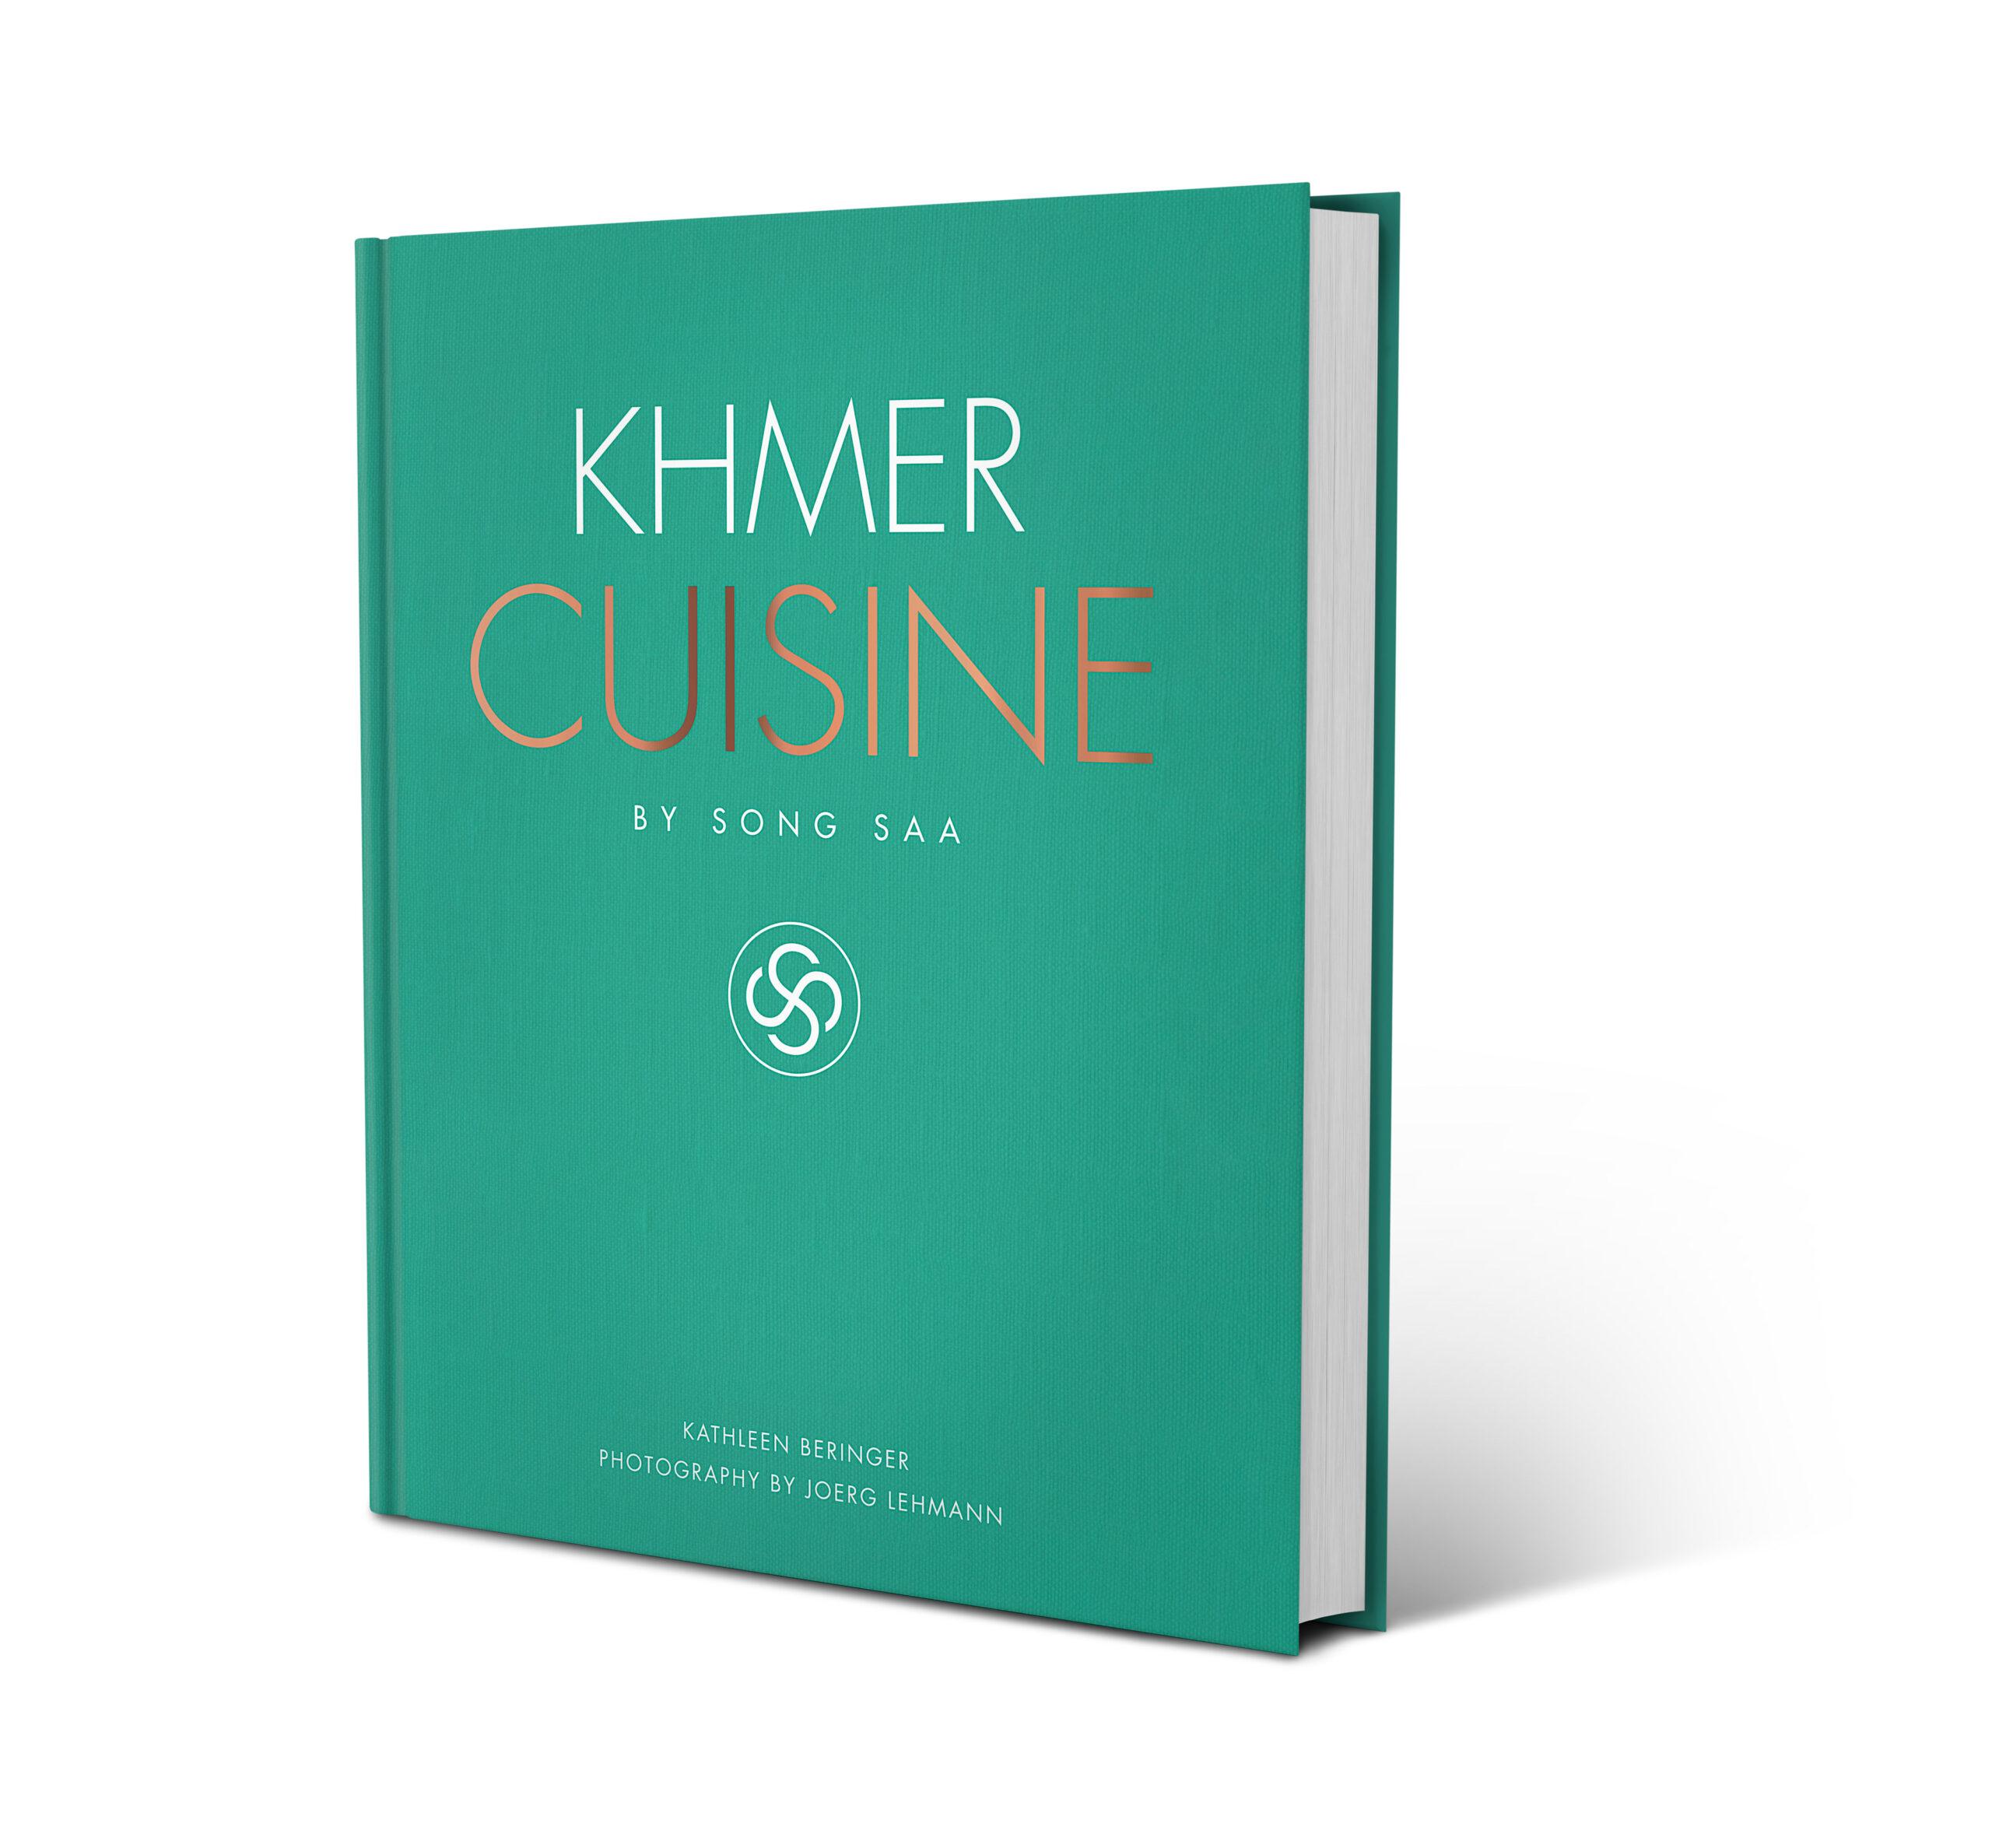 elsa_publishing_khmer-cuisine-song_saa-cover